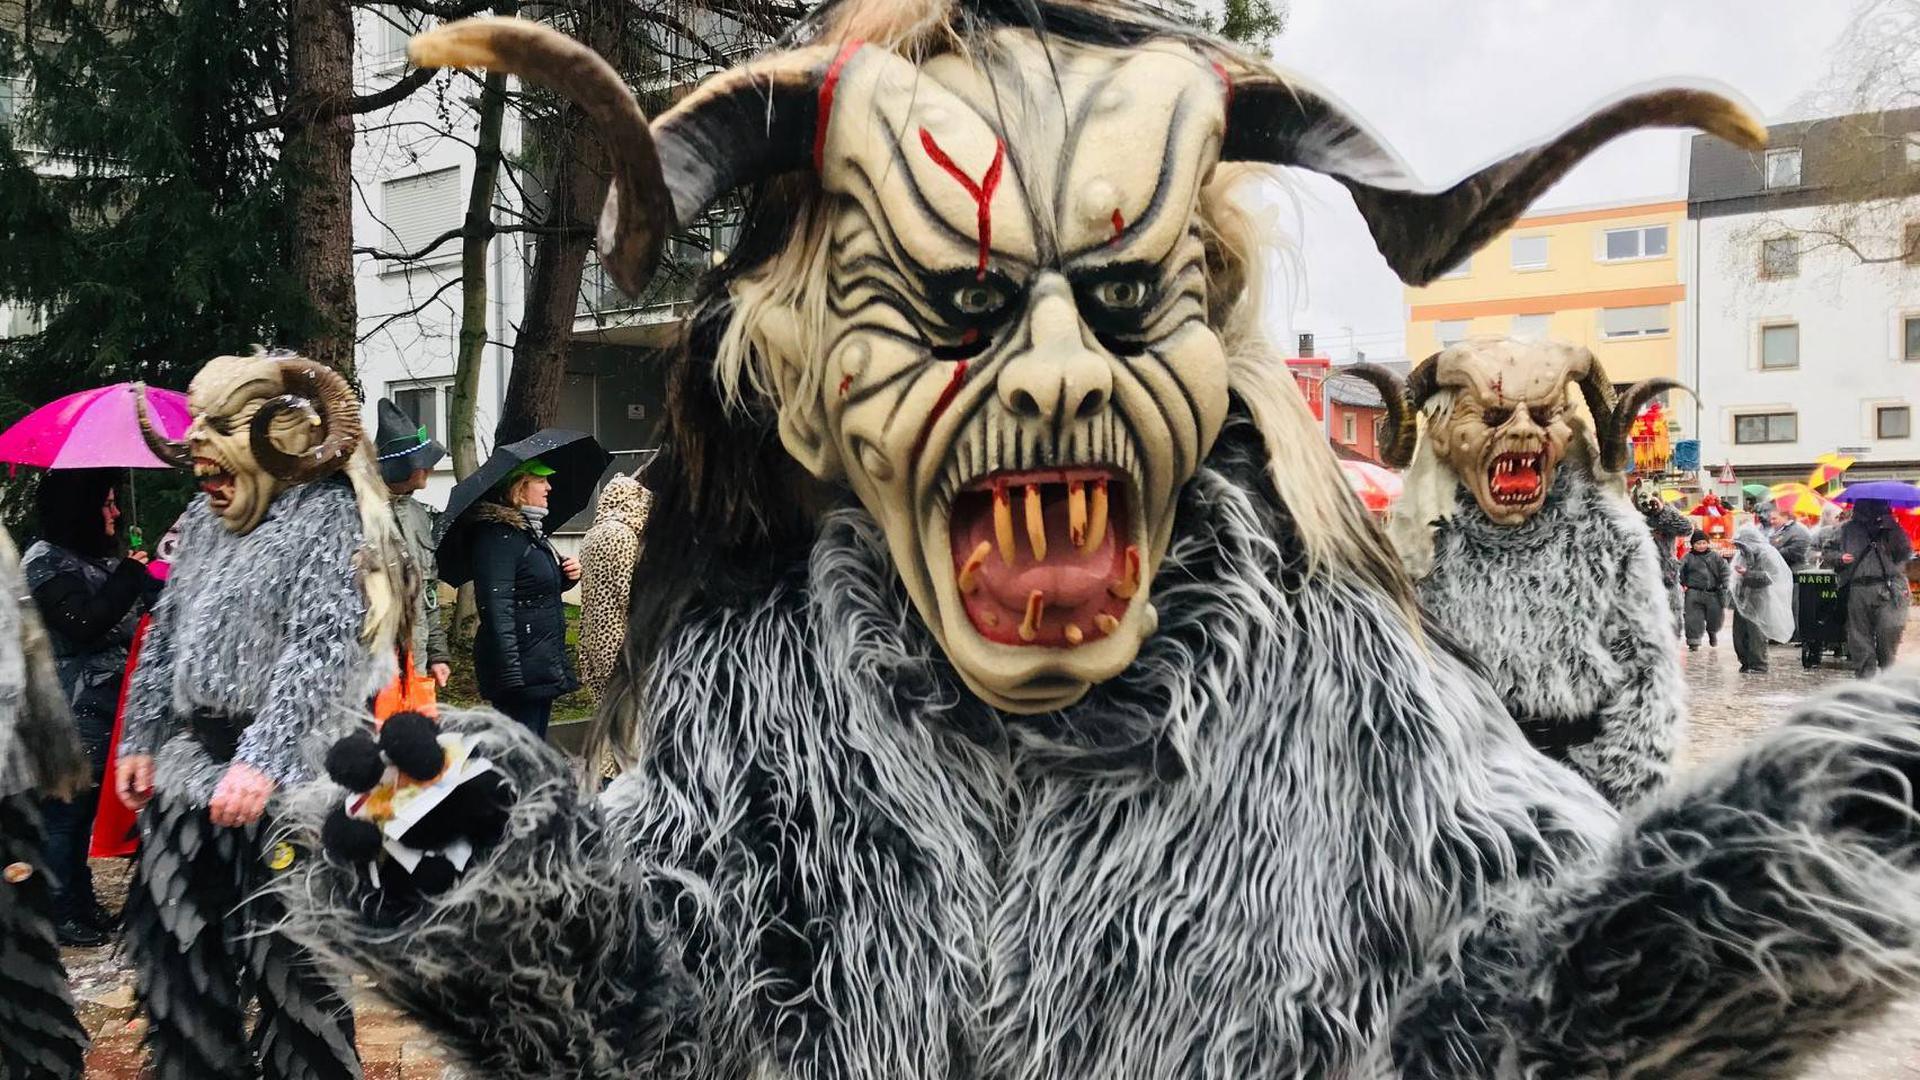 Maske Maskenträger, Fastnacht Fasching, Fasnet, Umzug Baden-Oos, Fastnachtsumzug